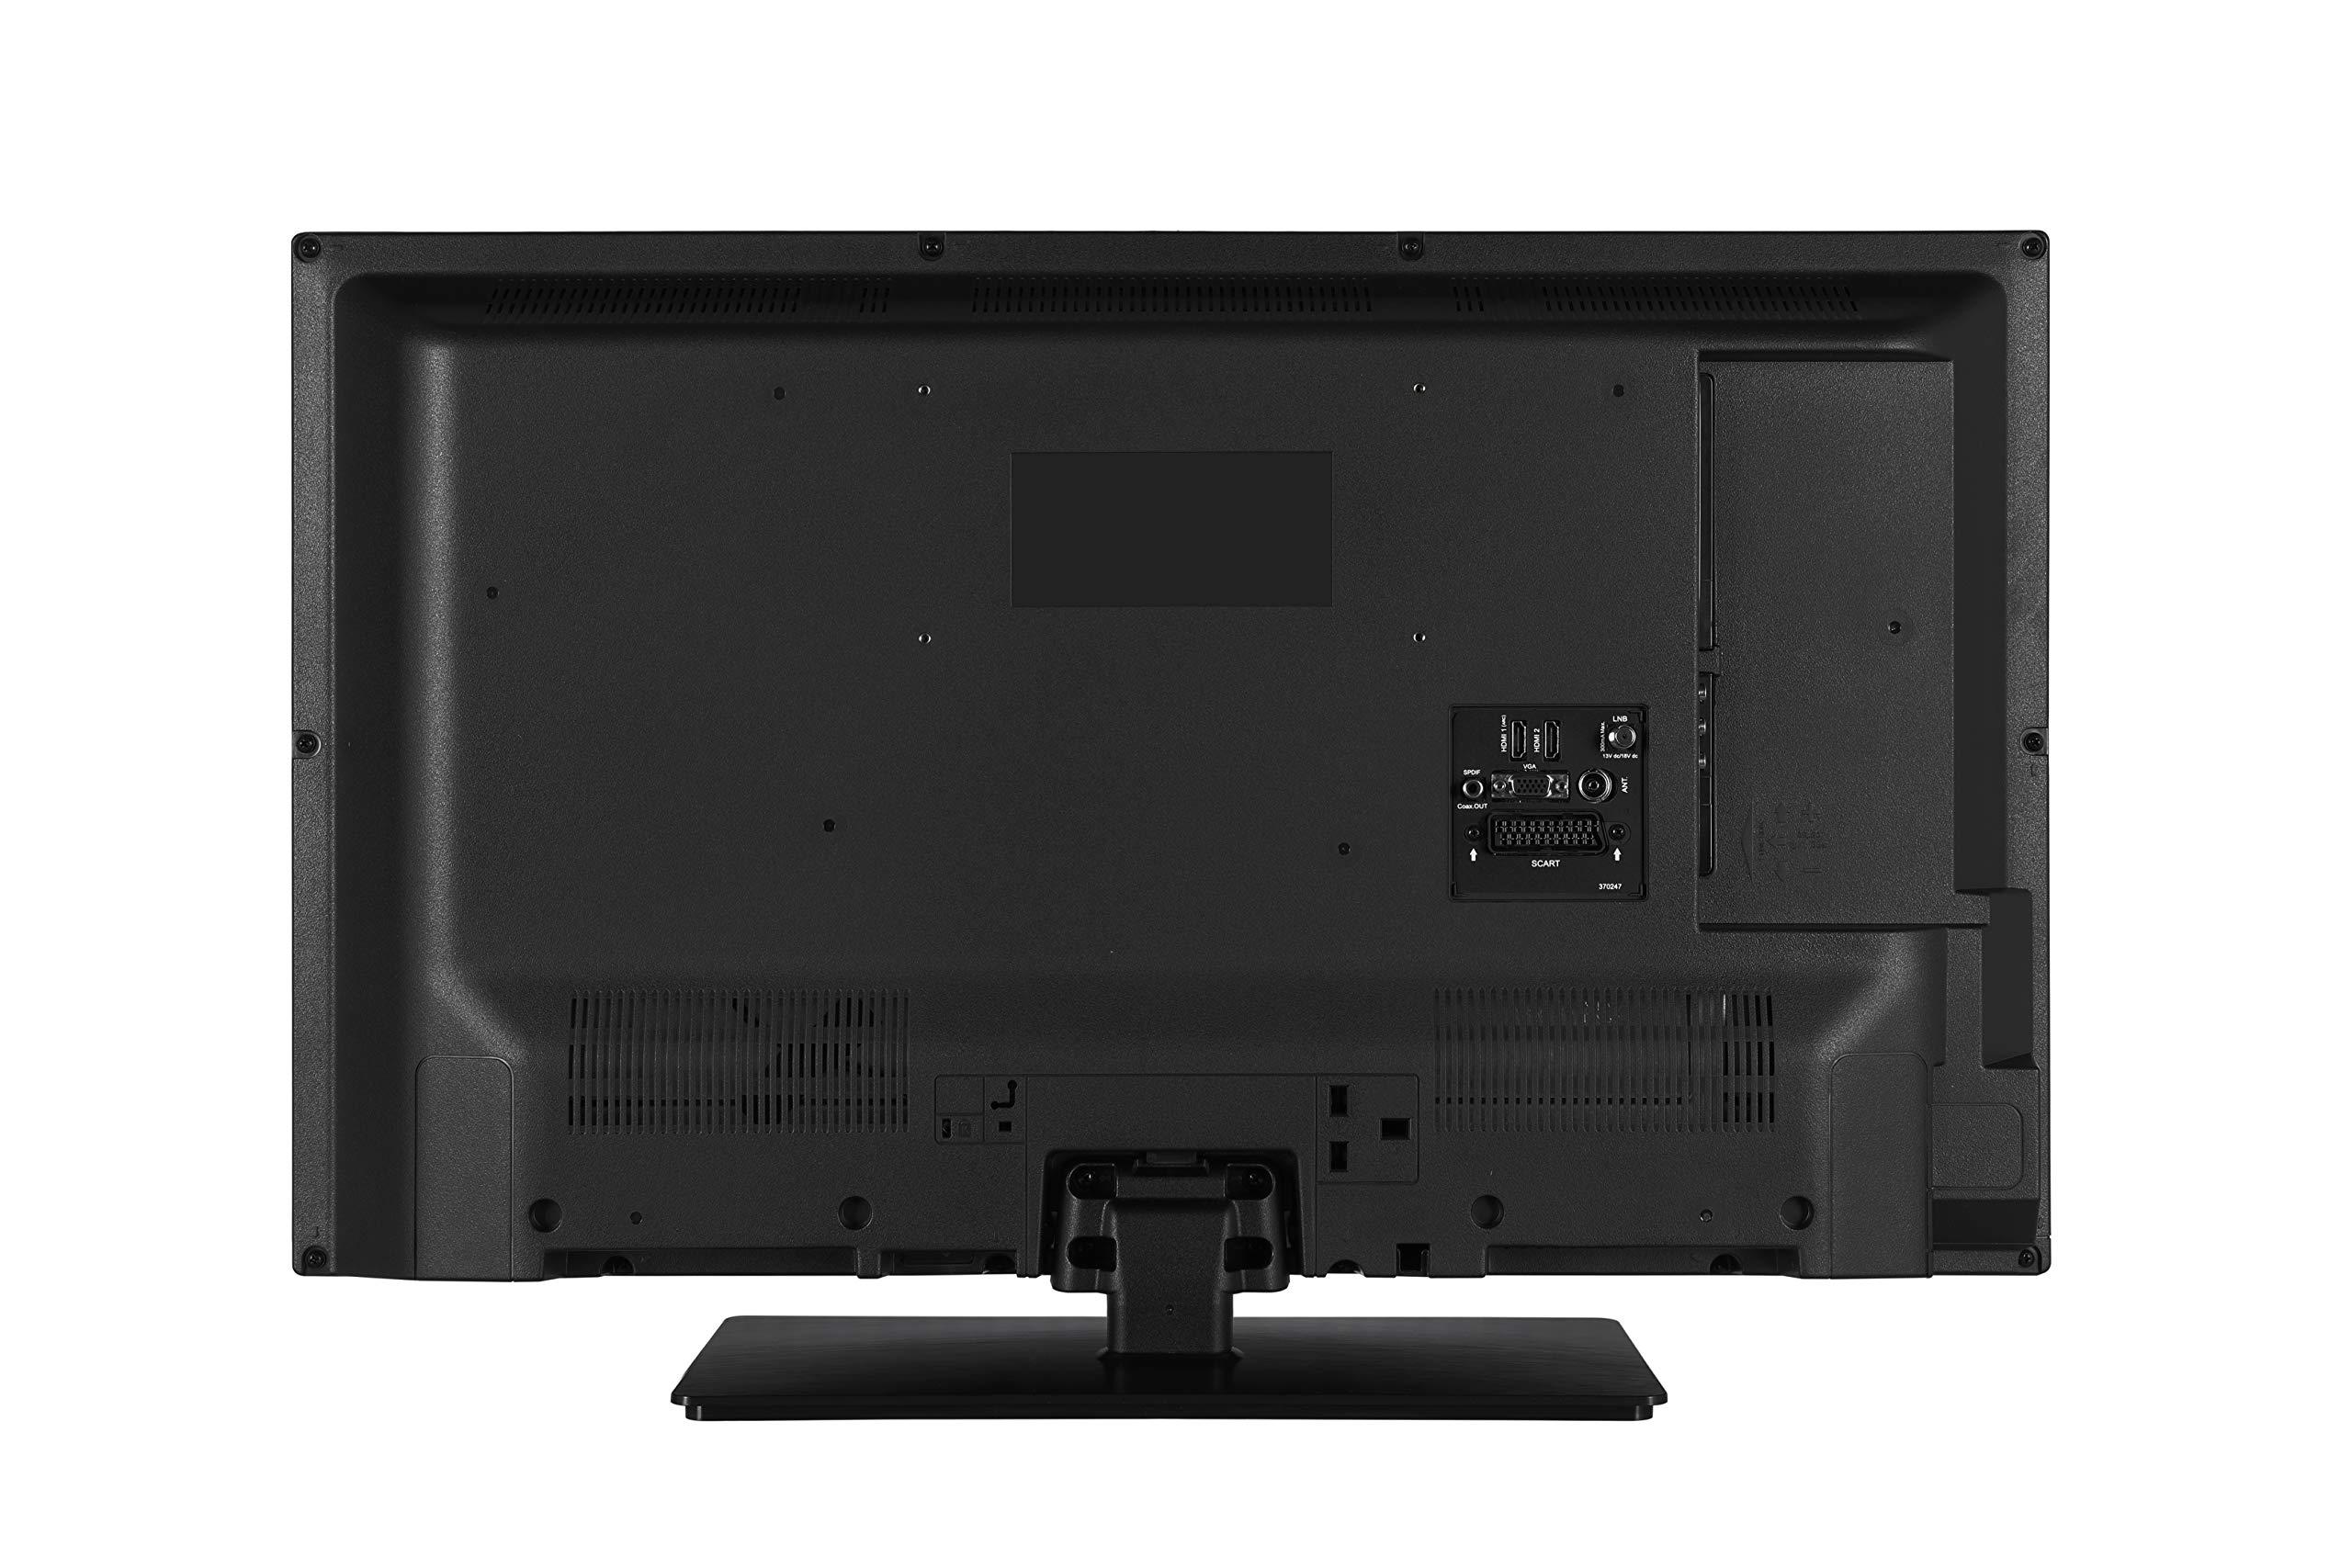 Panasonic TX-32GW334 televisión para el Sector hotelero 81,3 cm (32